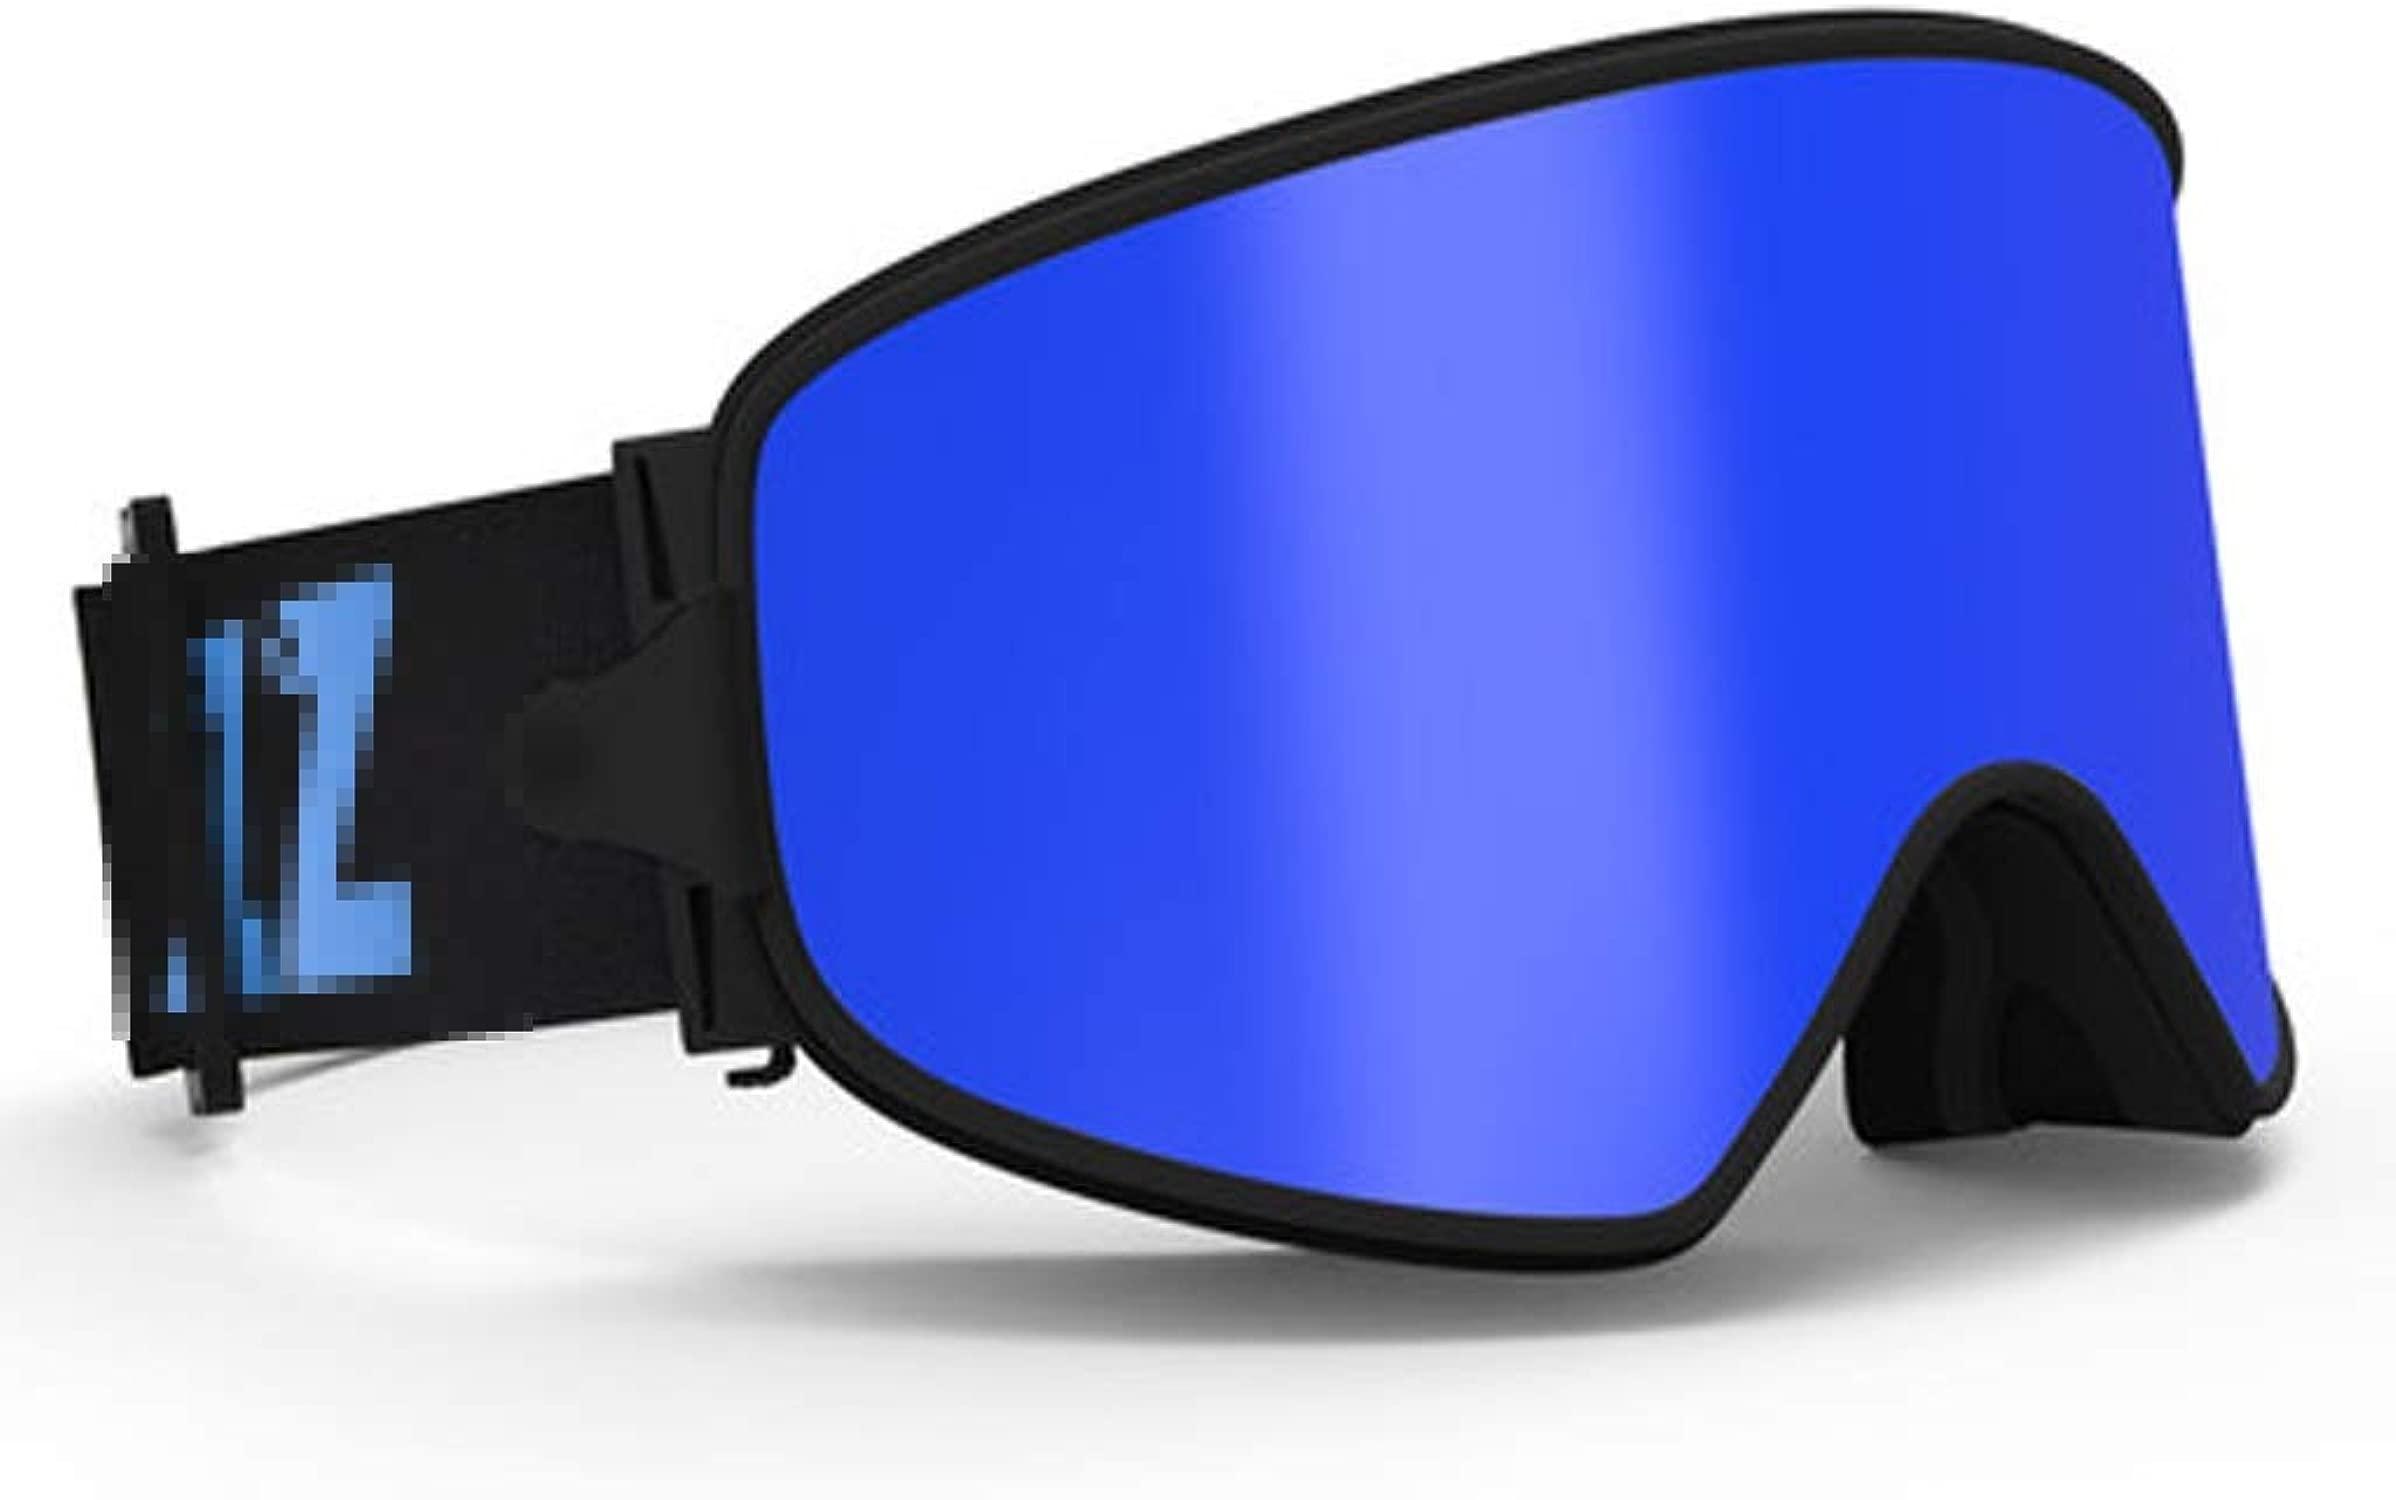 YJWOZ Skibrille Anti-Fog-Brille Magnetlinse Myopie Nachtsicht 2-in-One Sport-Augenschutzausrüstung Skibrille (Farbe   E)